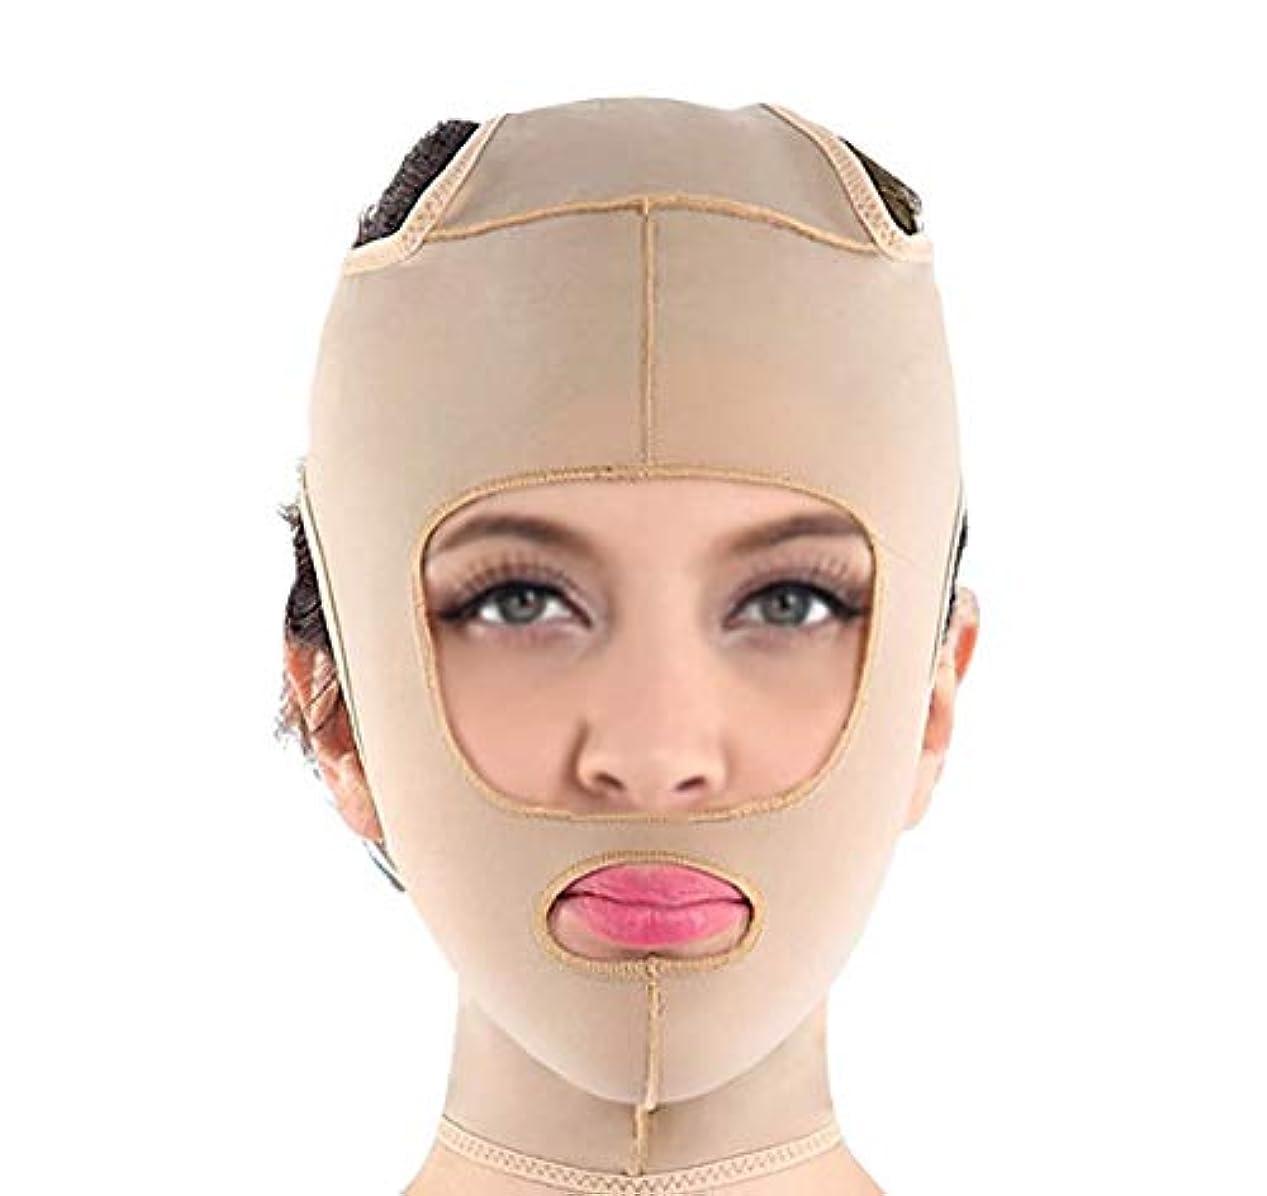 もっともらしい宿命賃金フェイスリフティングマスクで肌をしっかりと保ち、顔の筋肉の垂れ下がりや顔の美しい輪郭の整形を防止します(サイズ:Xl),M